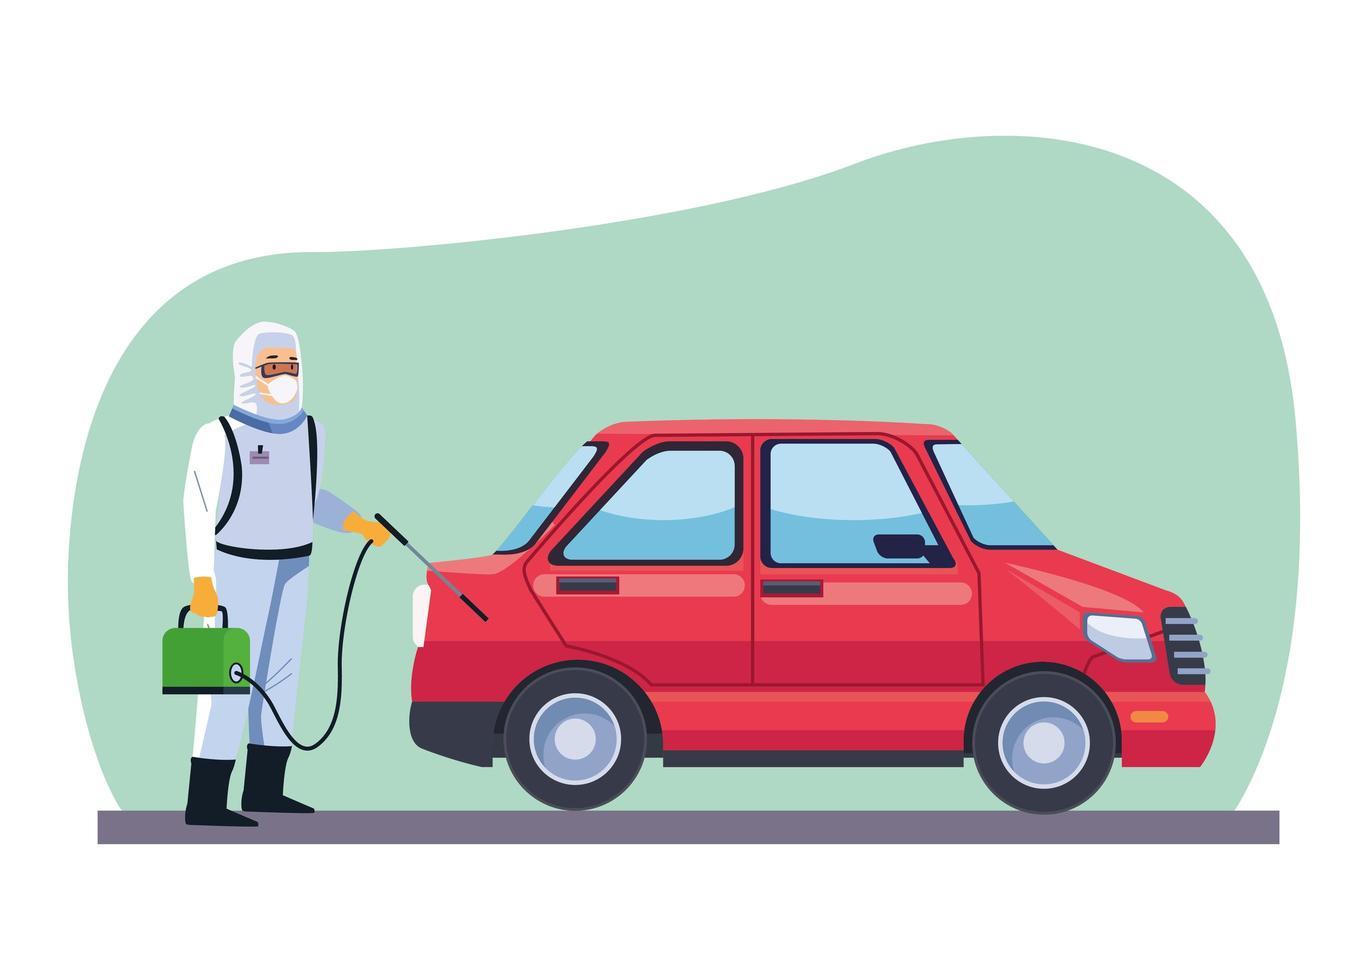 trabalhador de biossegurança desinfectar carro covid-19 vetor